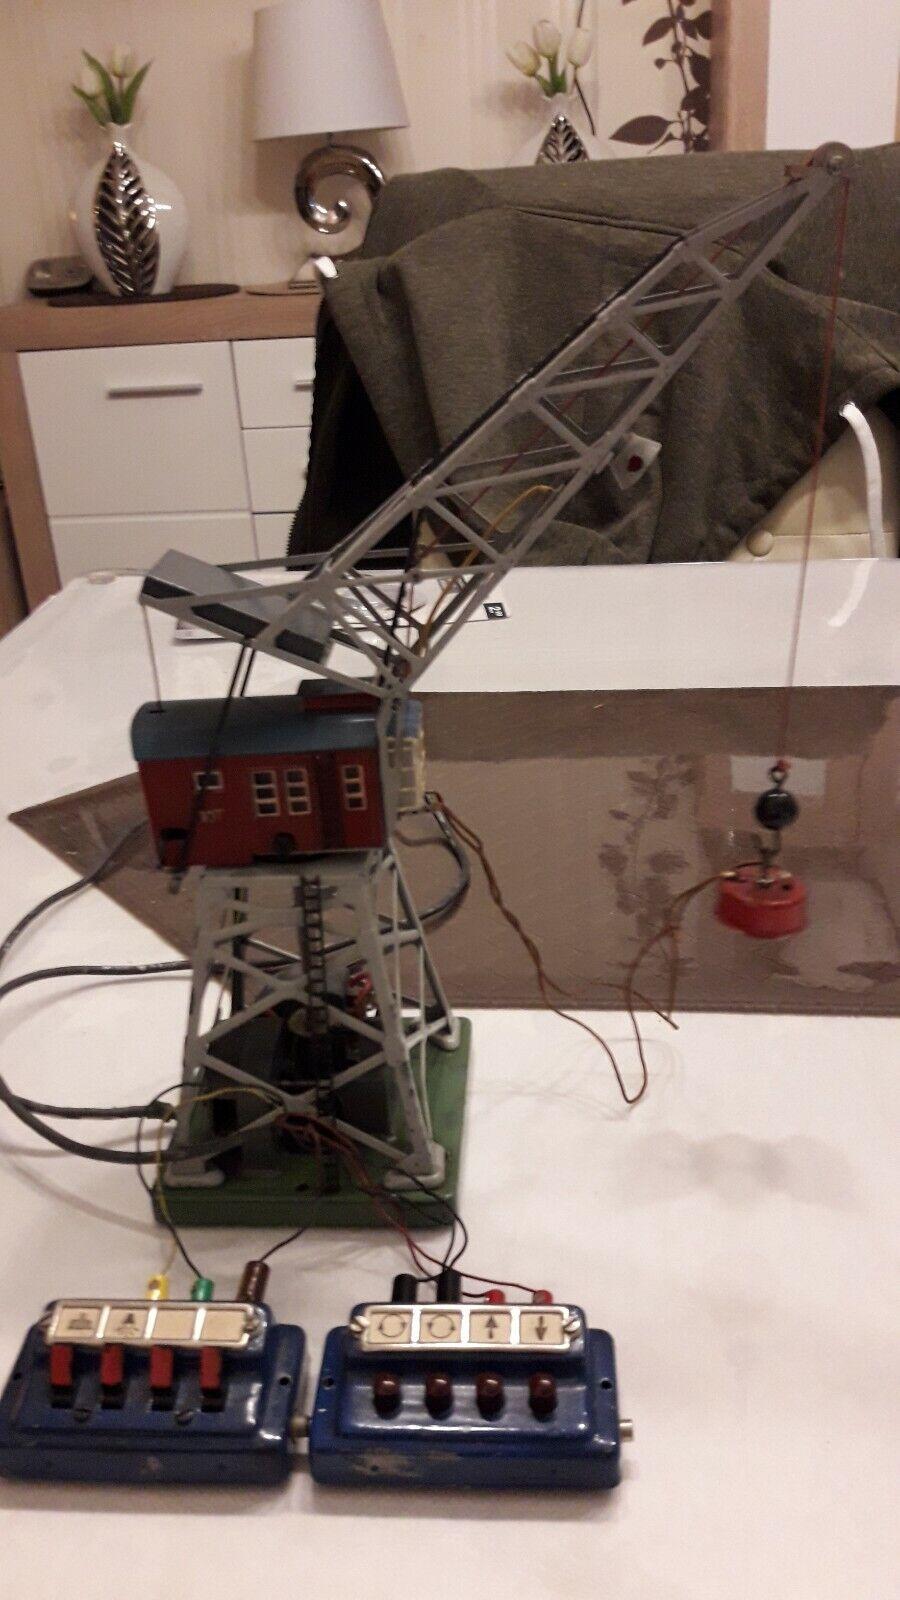 Märklin  1 Kran 451 elektrischer Drehkran Drehkran Drehkran 50er Jahre gebraucht mit Schaltpulte  | Lassen Sie unsere Produkte in die Welt gehen  2a2634